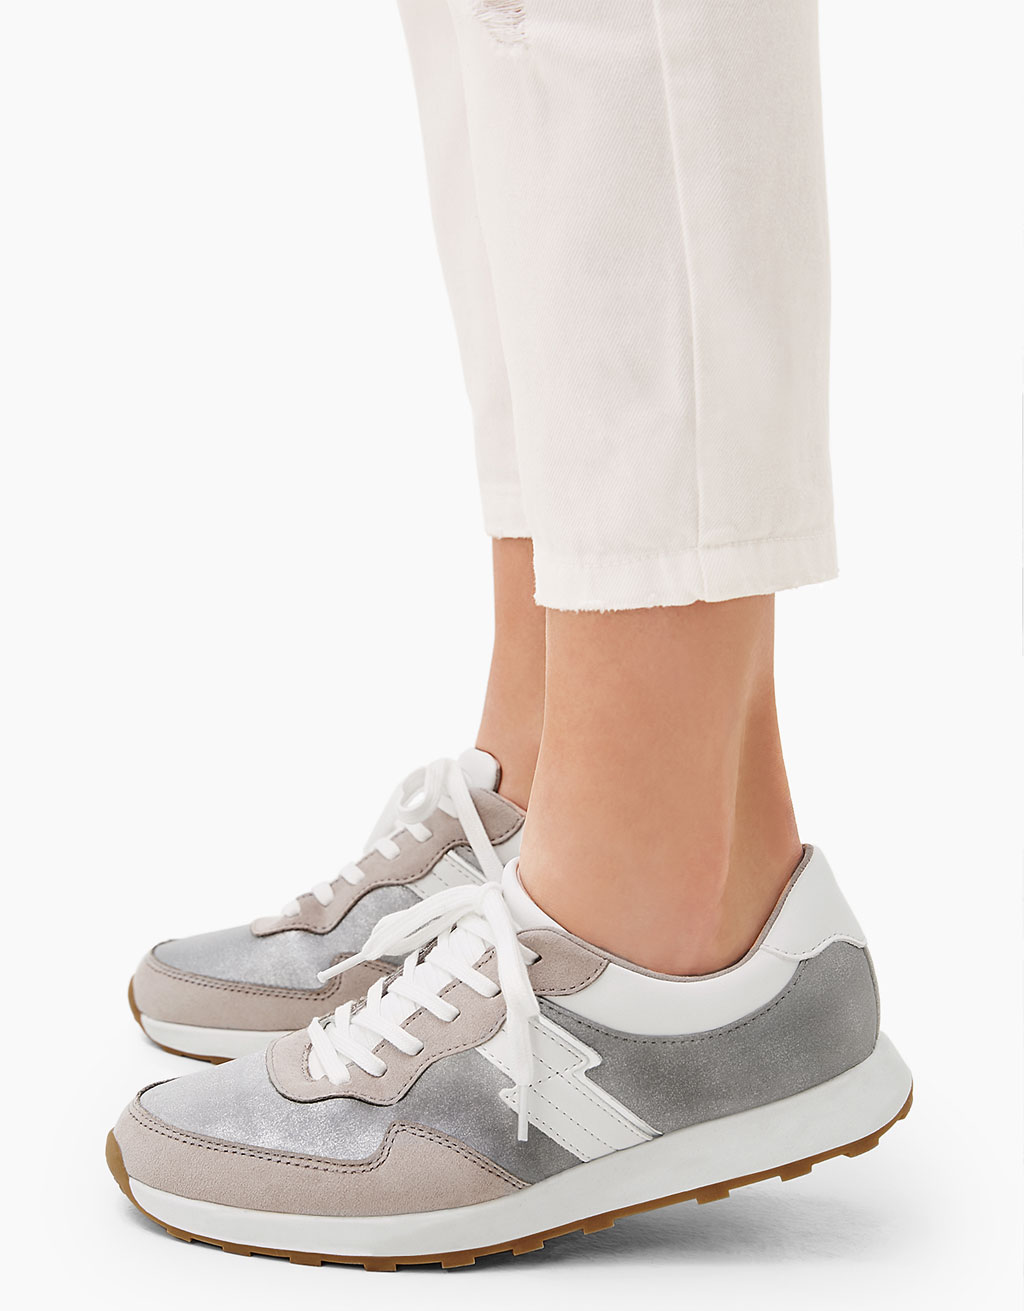 Kombinierte Sneaker mit Schnürung und Glanzfinish